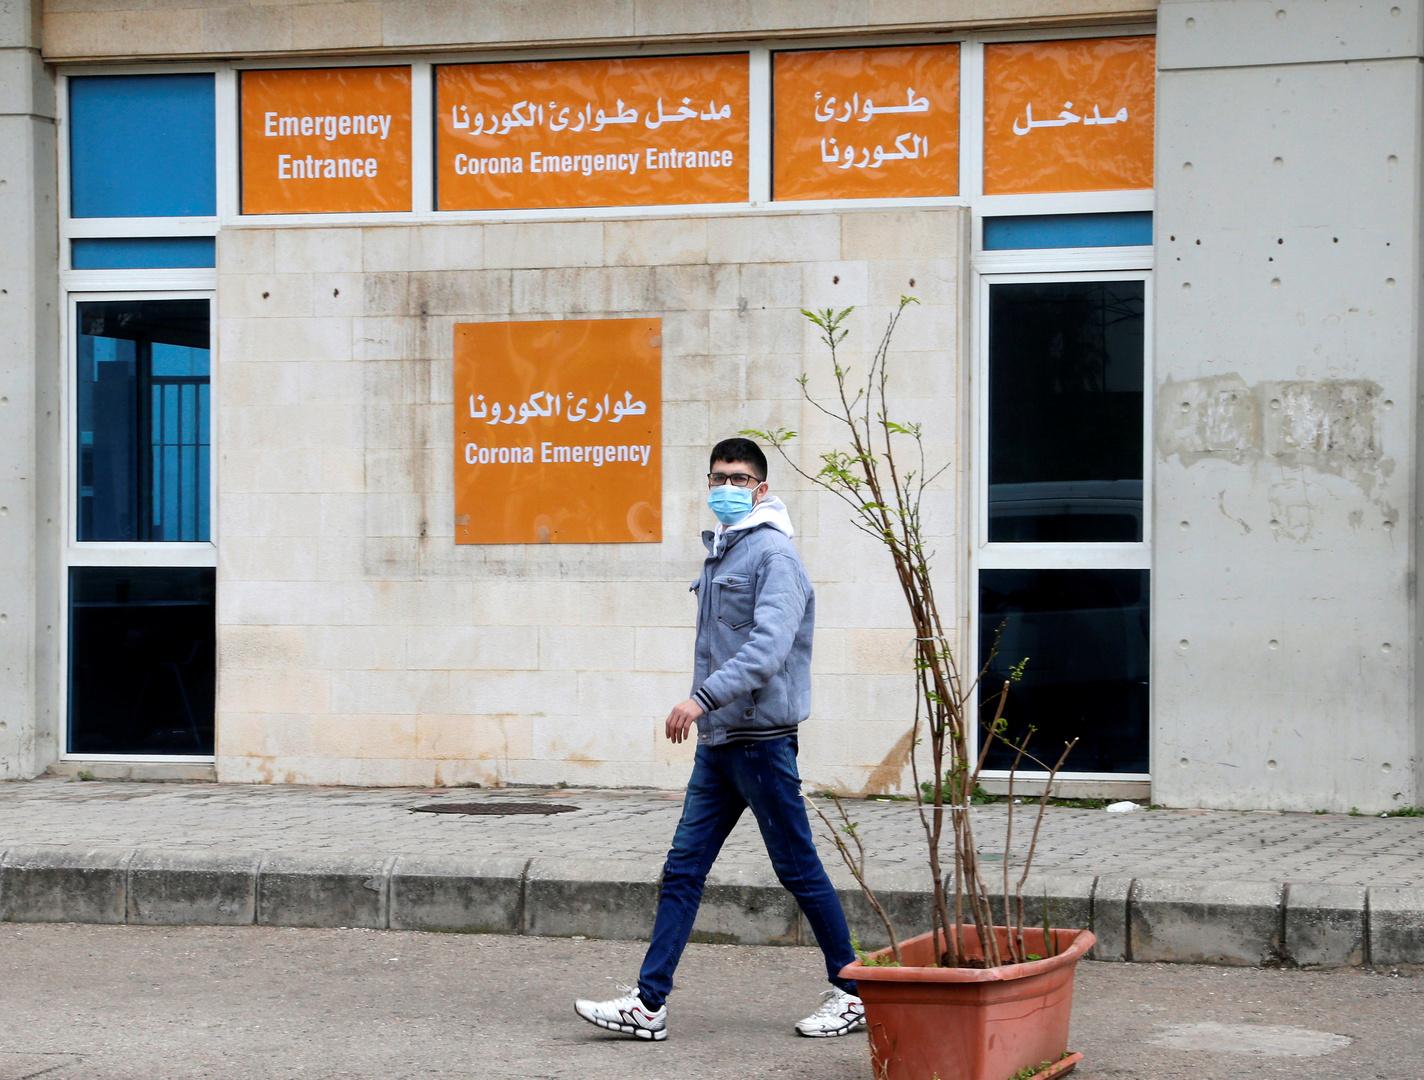 كورونا يضرب لبنان بقوة ..  الإصابات اليومية تقترب من 800 حالة